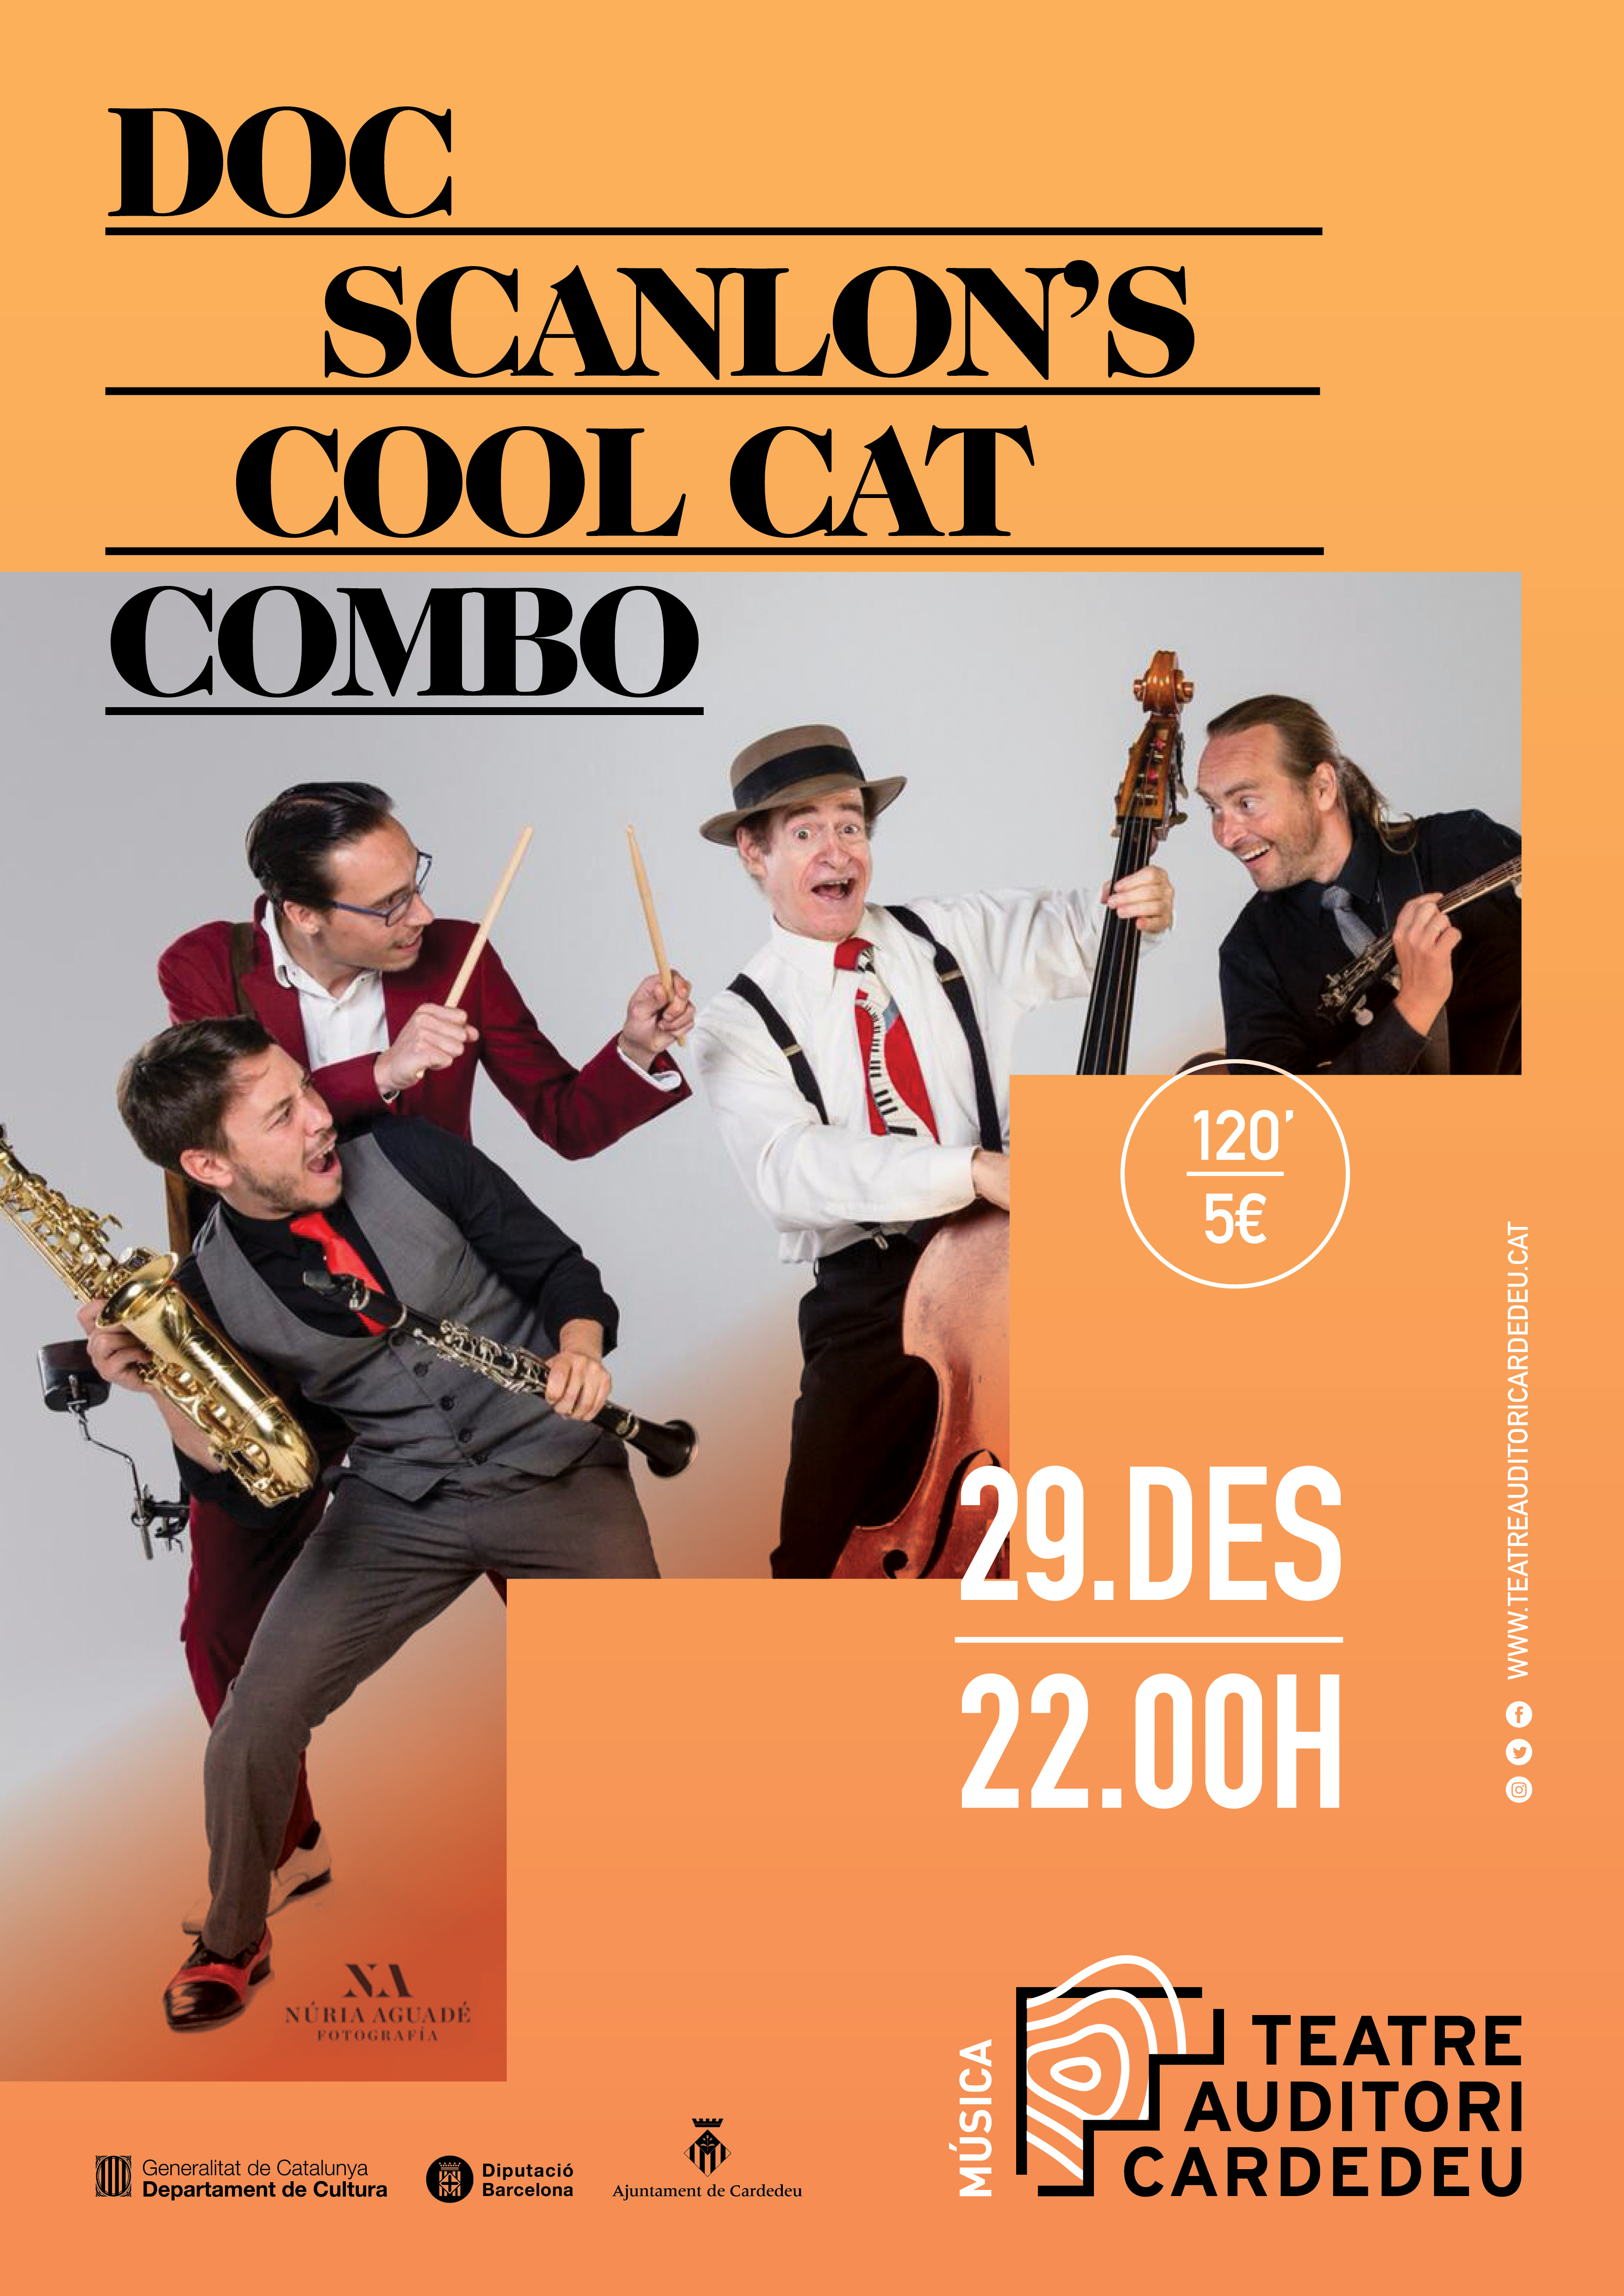 Doc Scanlon's Cool Cat Combo: 29 de desembre